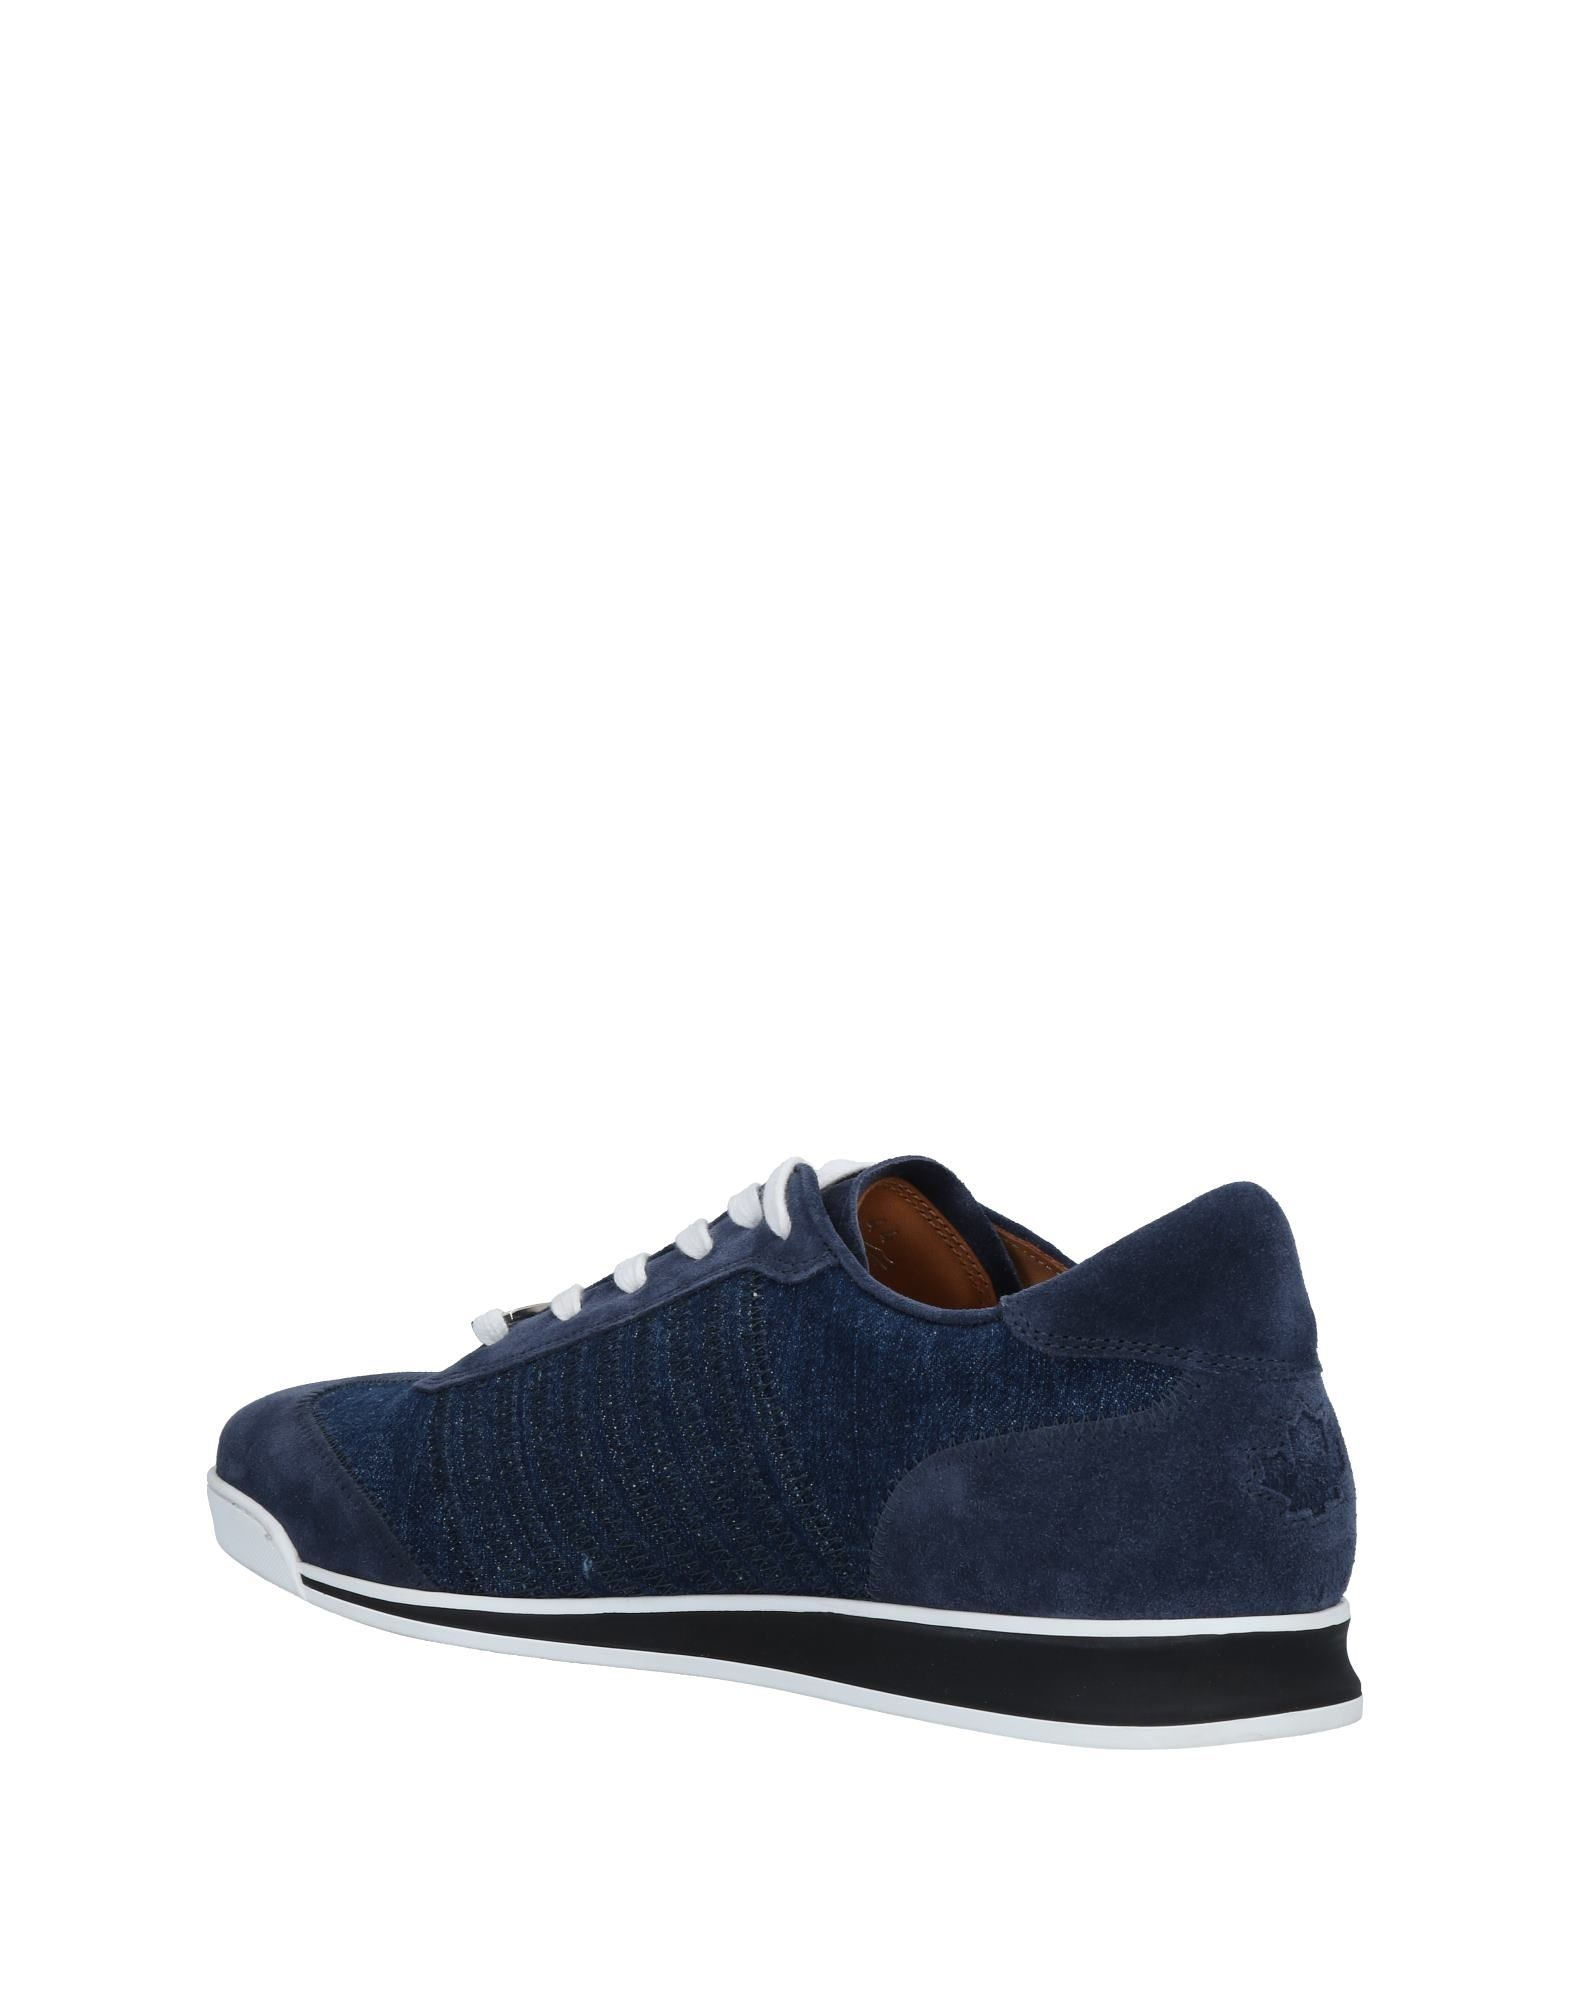 Dsquared2 Sneakers Sneakers Sneakers Herren  11479173KM f6c252